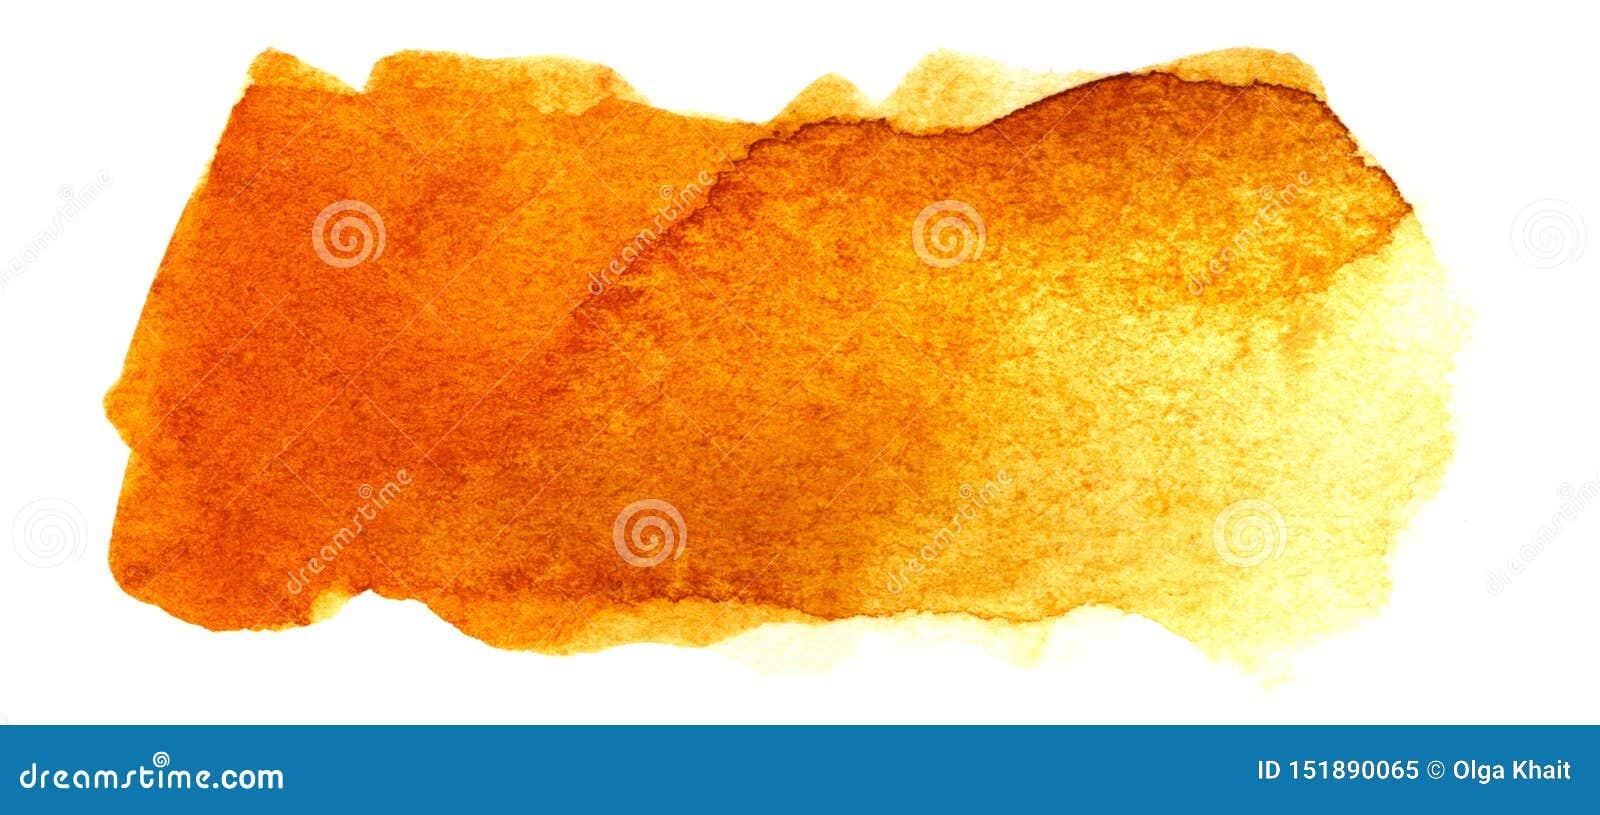 Abstracte krantekopachtergrond Een vormeloze langwerpige vlek van gouden oranjegele kleur Gradiënt van dark aan licht